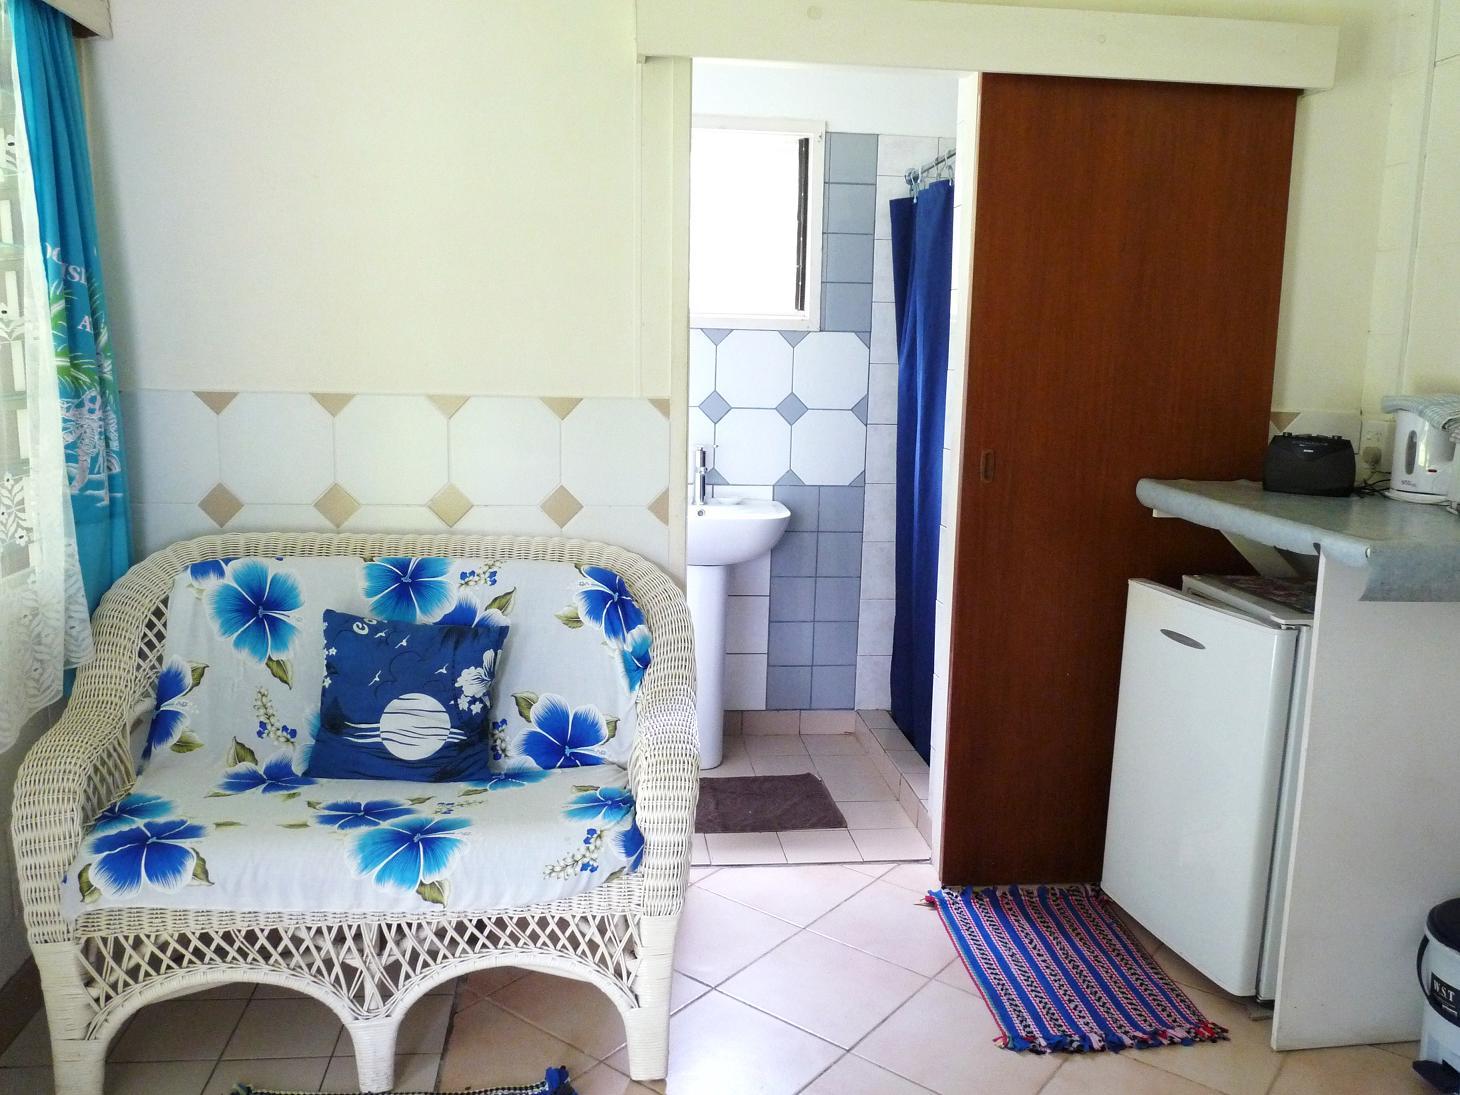 Self Catering to rent in Rarotonga,  Avatiu, Atupa, Cook Islands